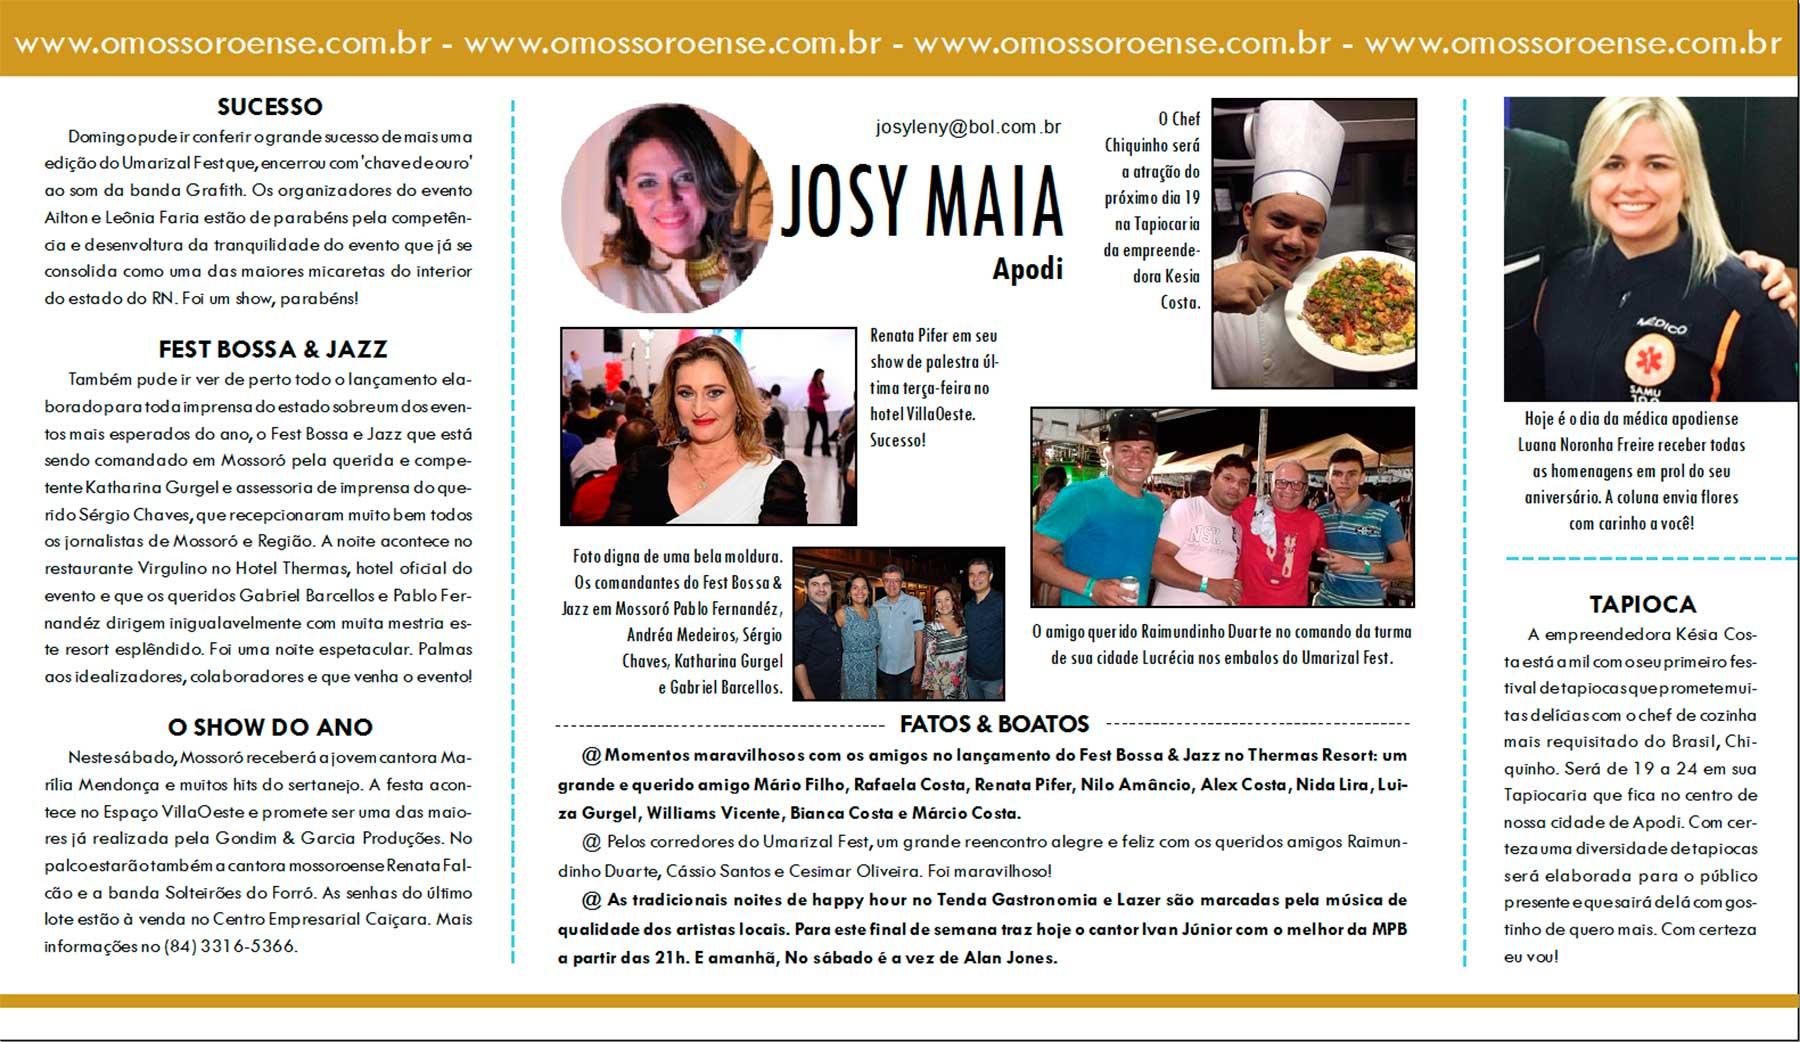 JOSY-MAIA-11-05-16